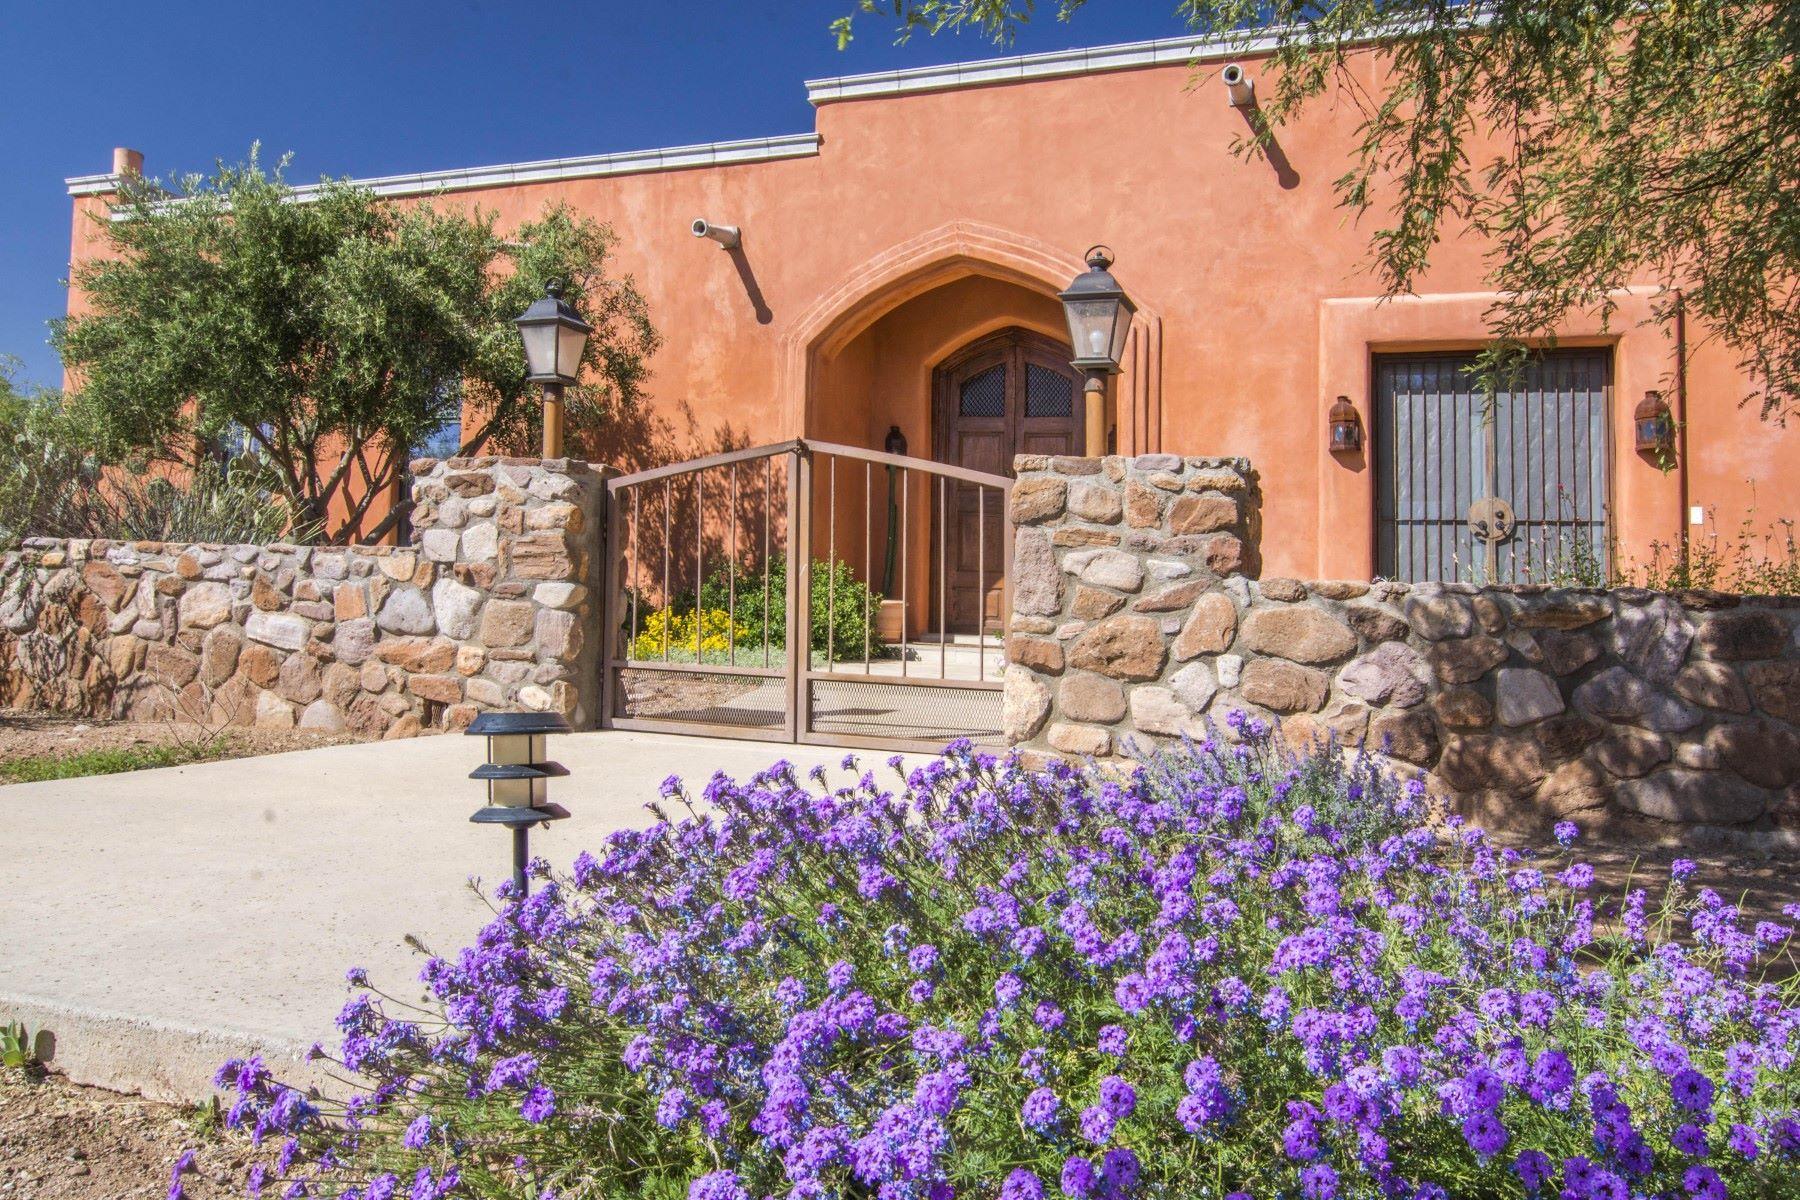 独户住宅 为 销售 在 Beautiful territorial home in Tubac Arizona 7 Camino Cocinero 图巴克, 亚利桑那州, 85646 美国